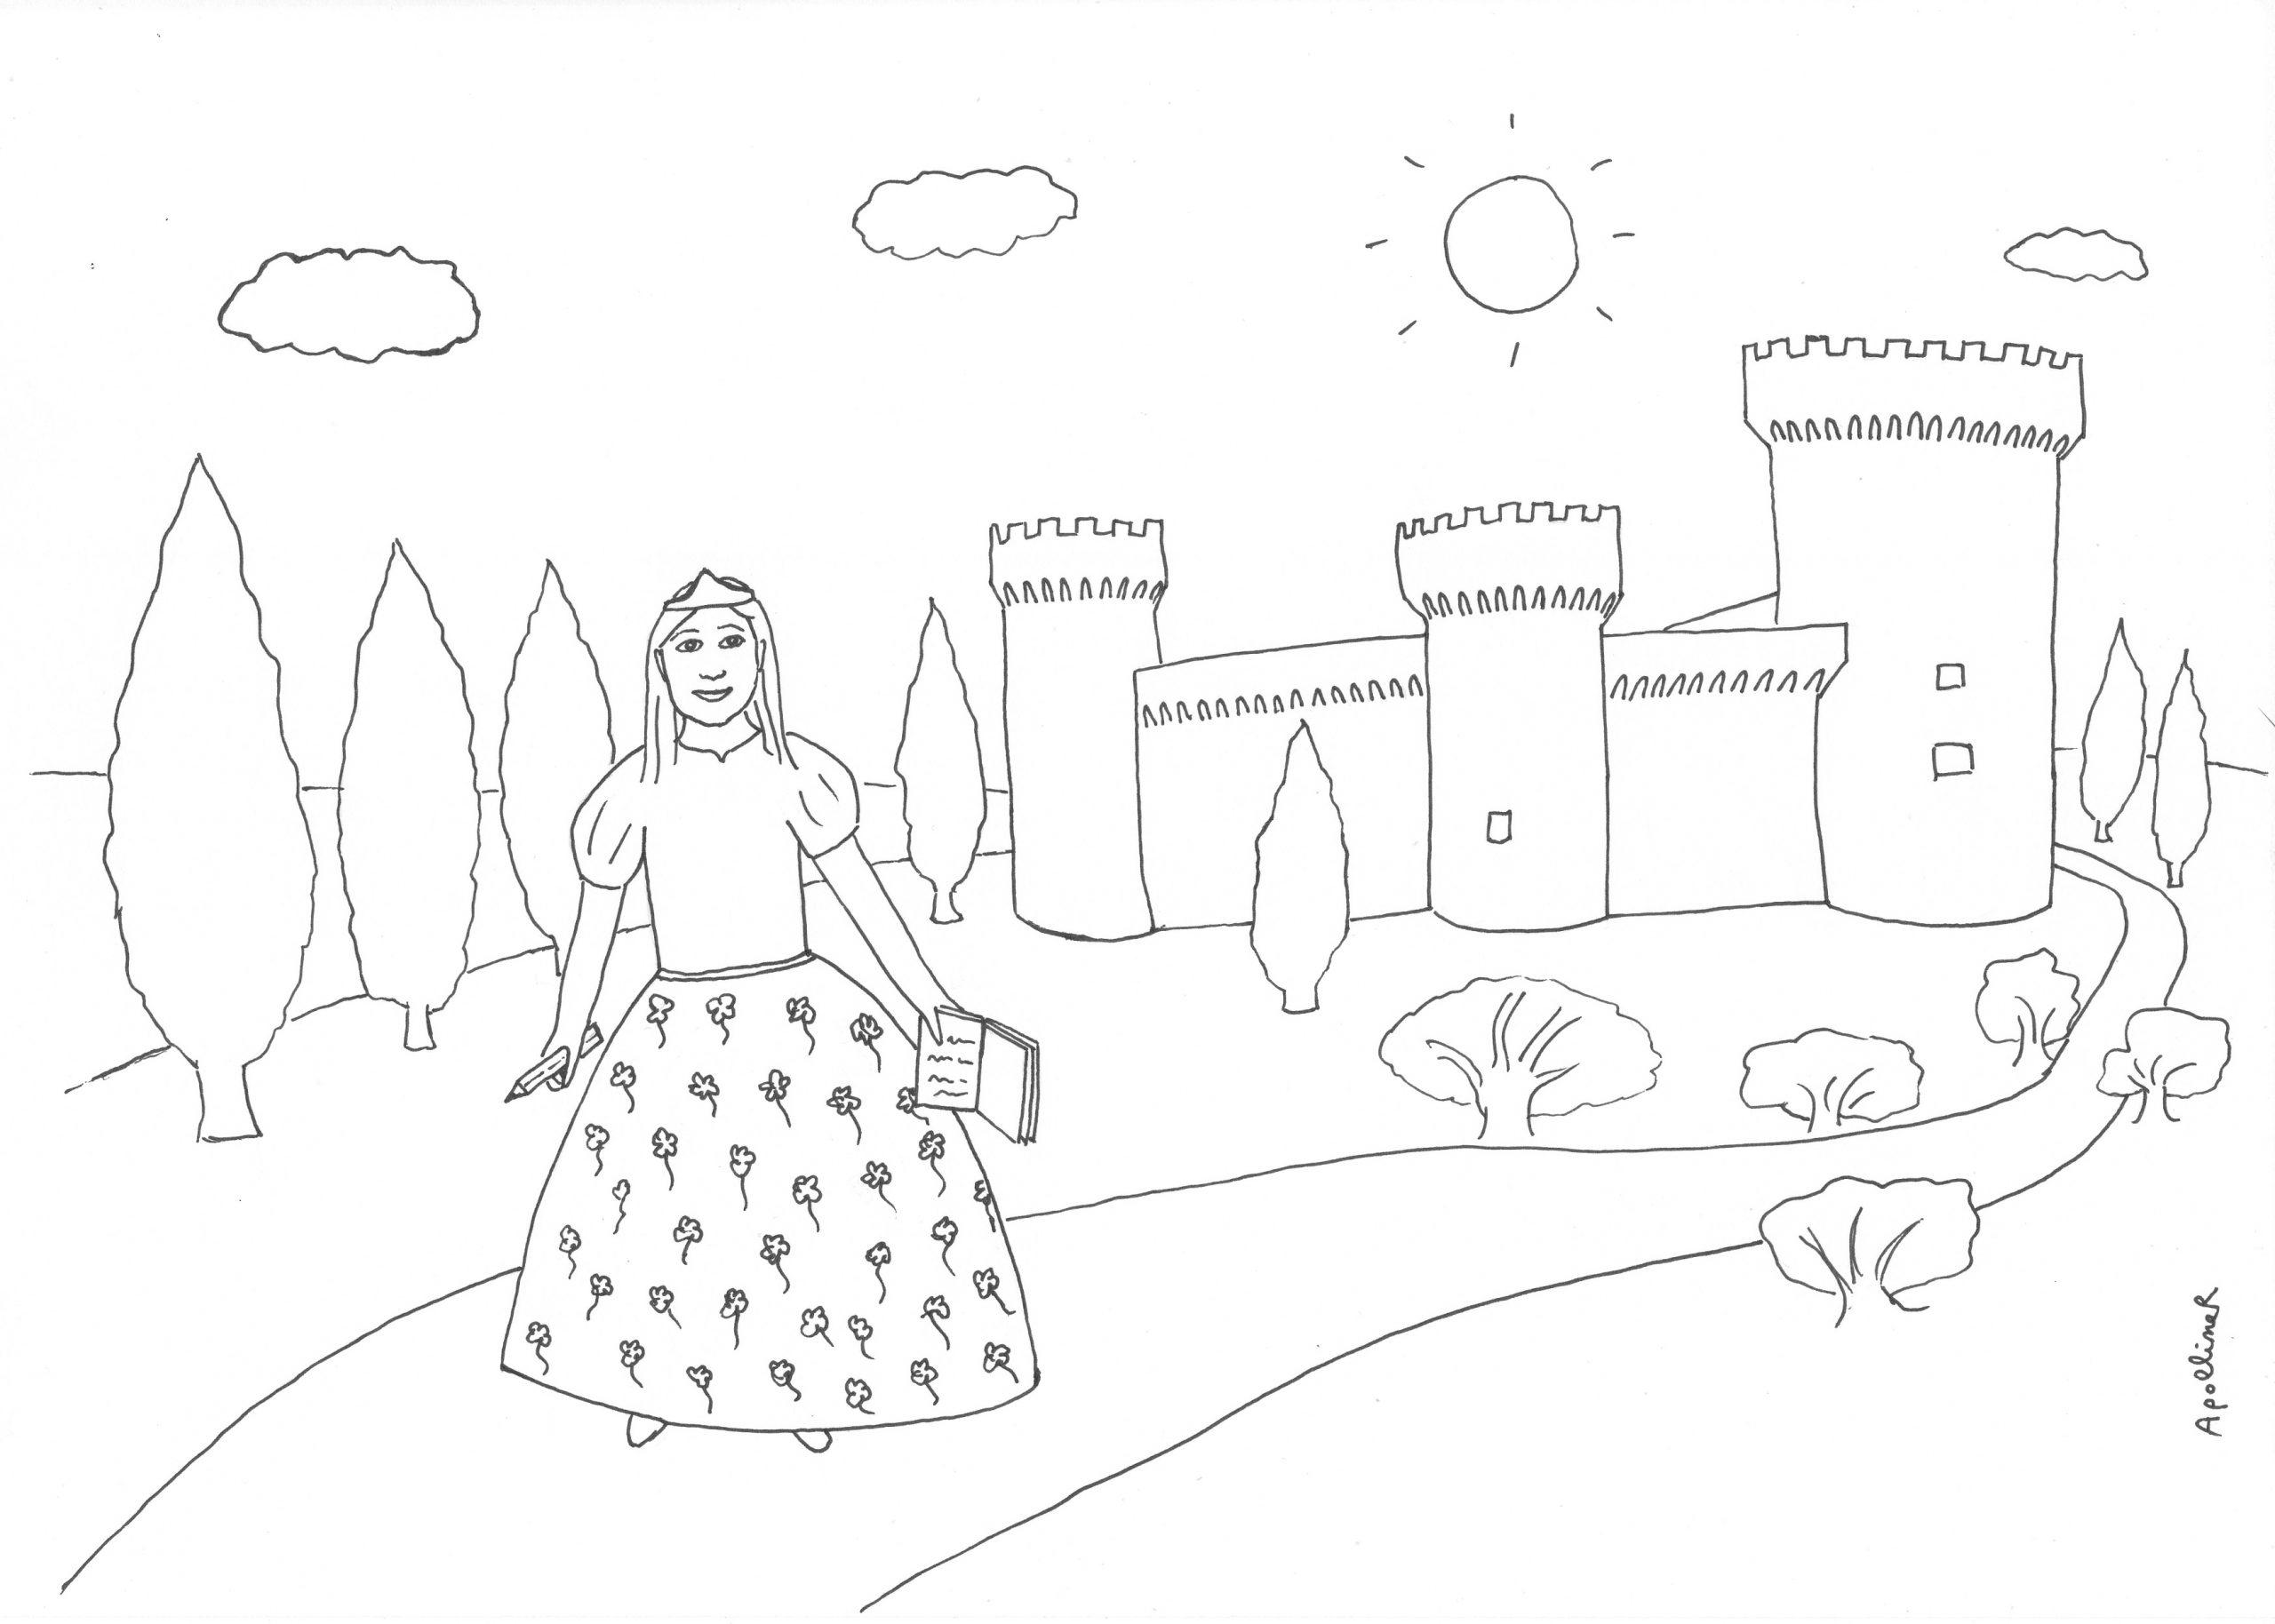 Une Petite Princesse Avec Un Carnet (À Colorier) - Apolliner destiné Dessin Chateau Princesse